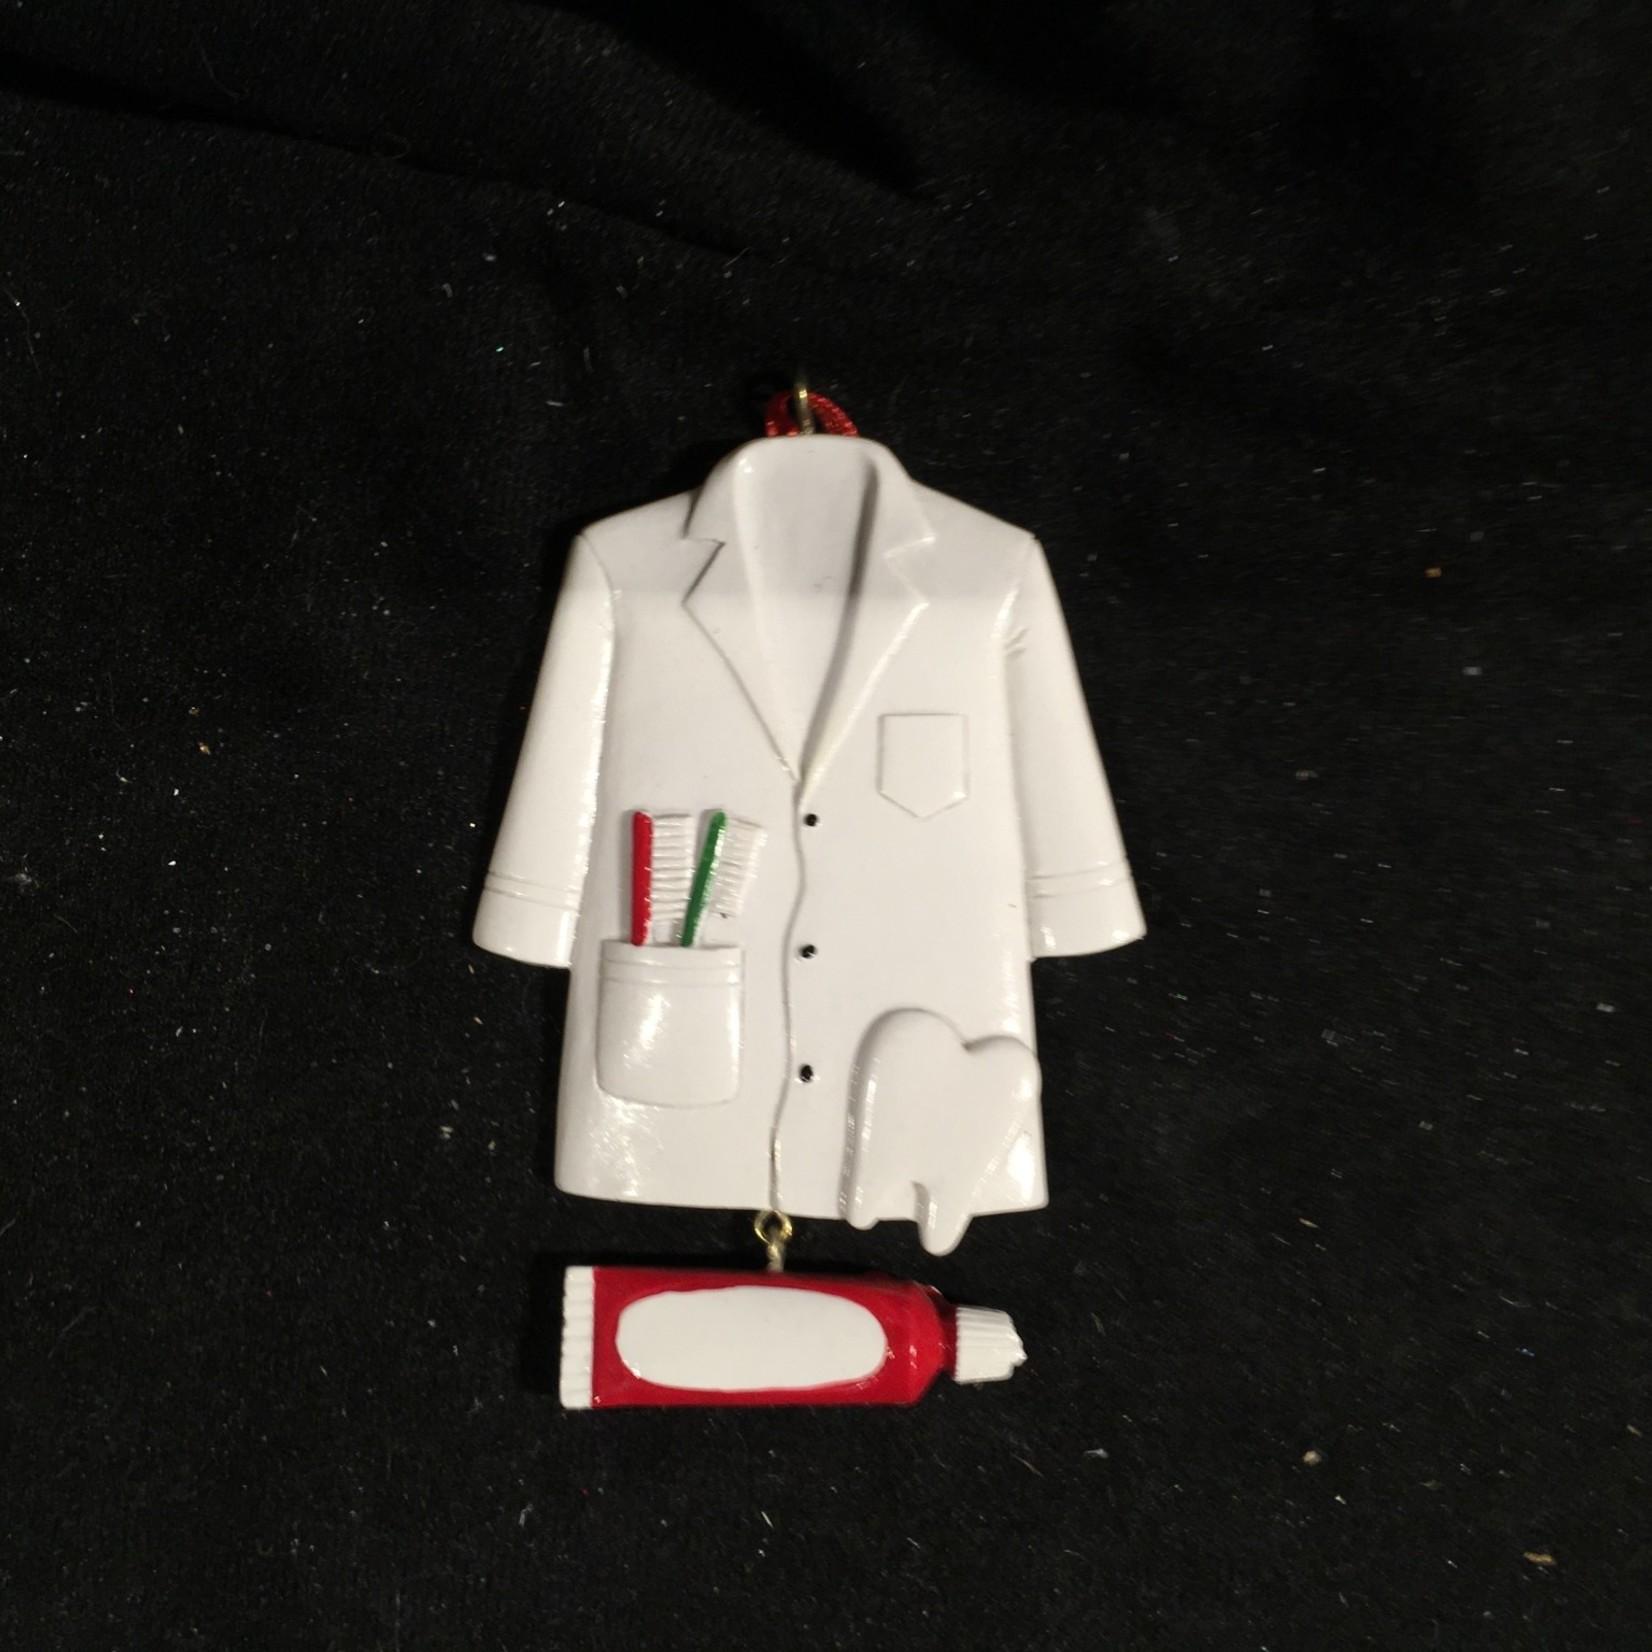 **White Dentist Coat Ornament